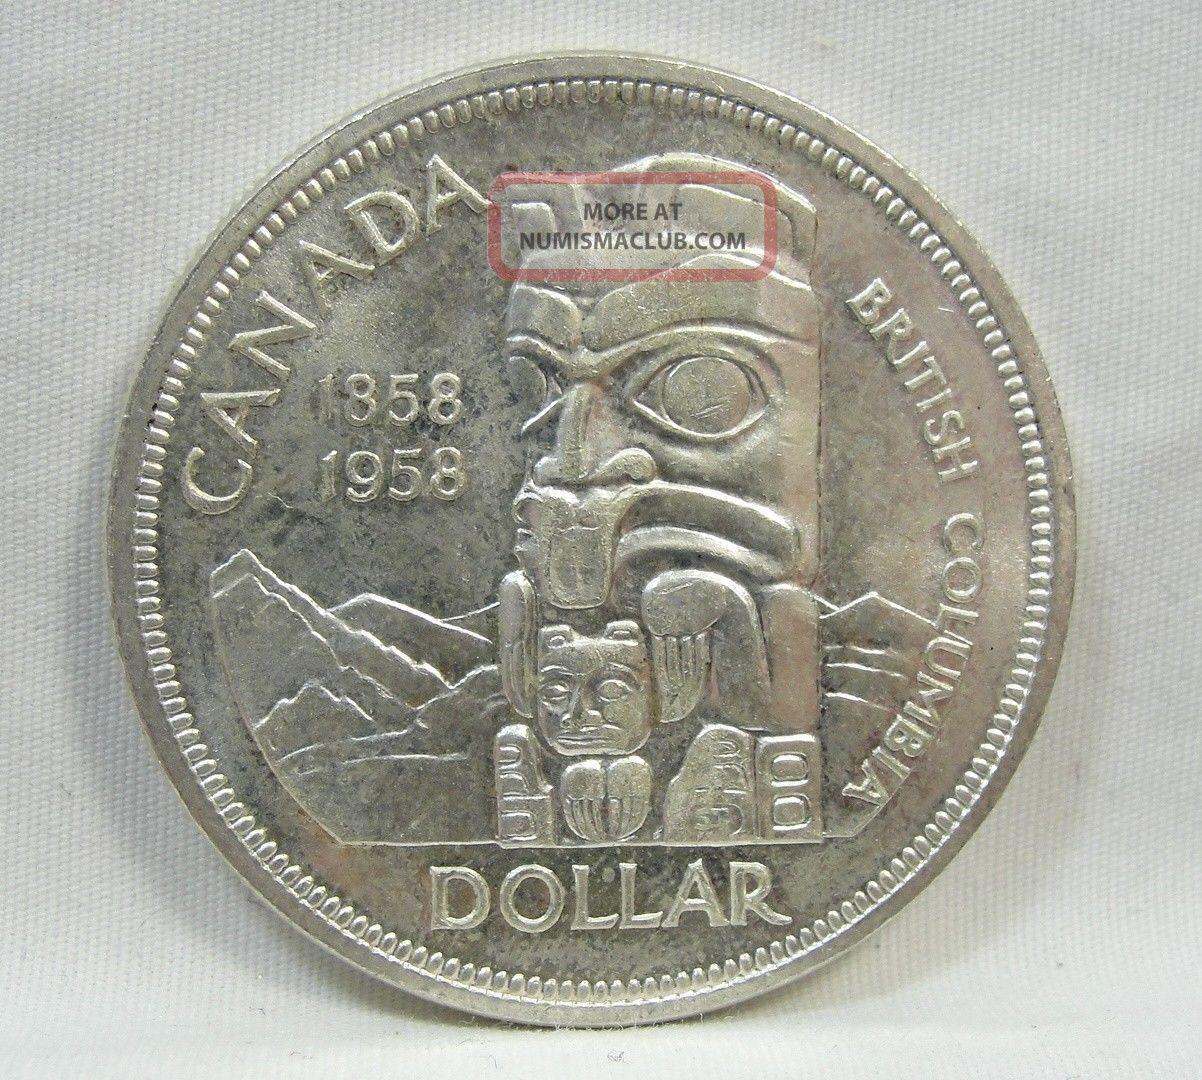 1958 S 1 Canada Dollar British Columbia Commemorative